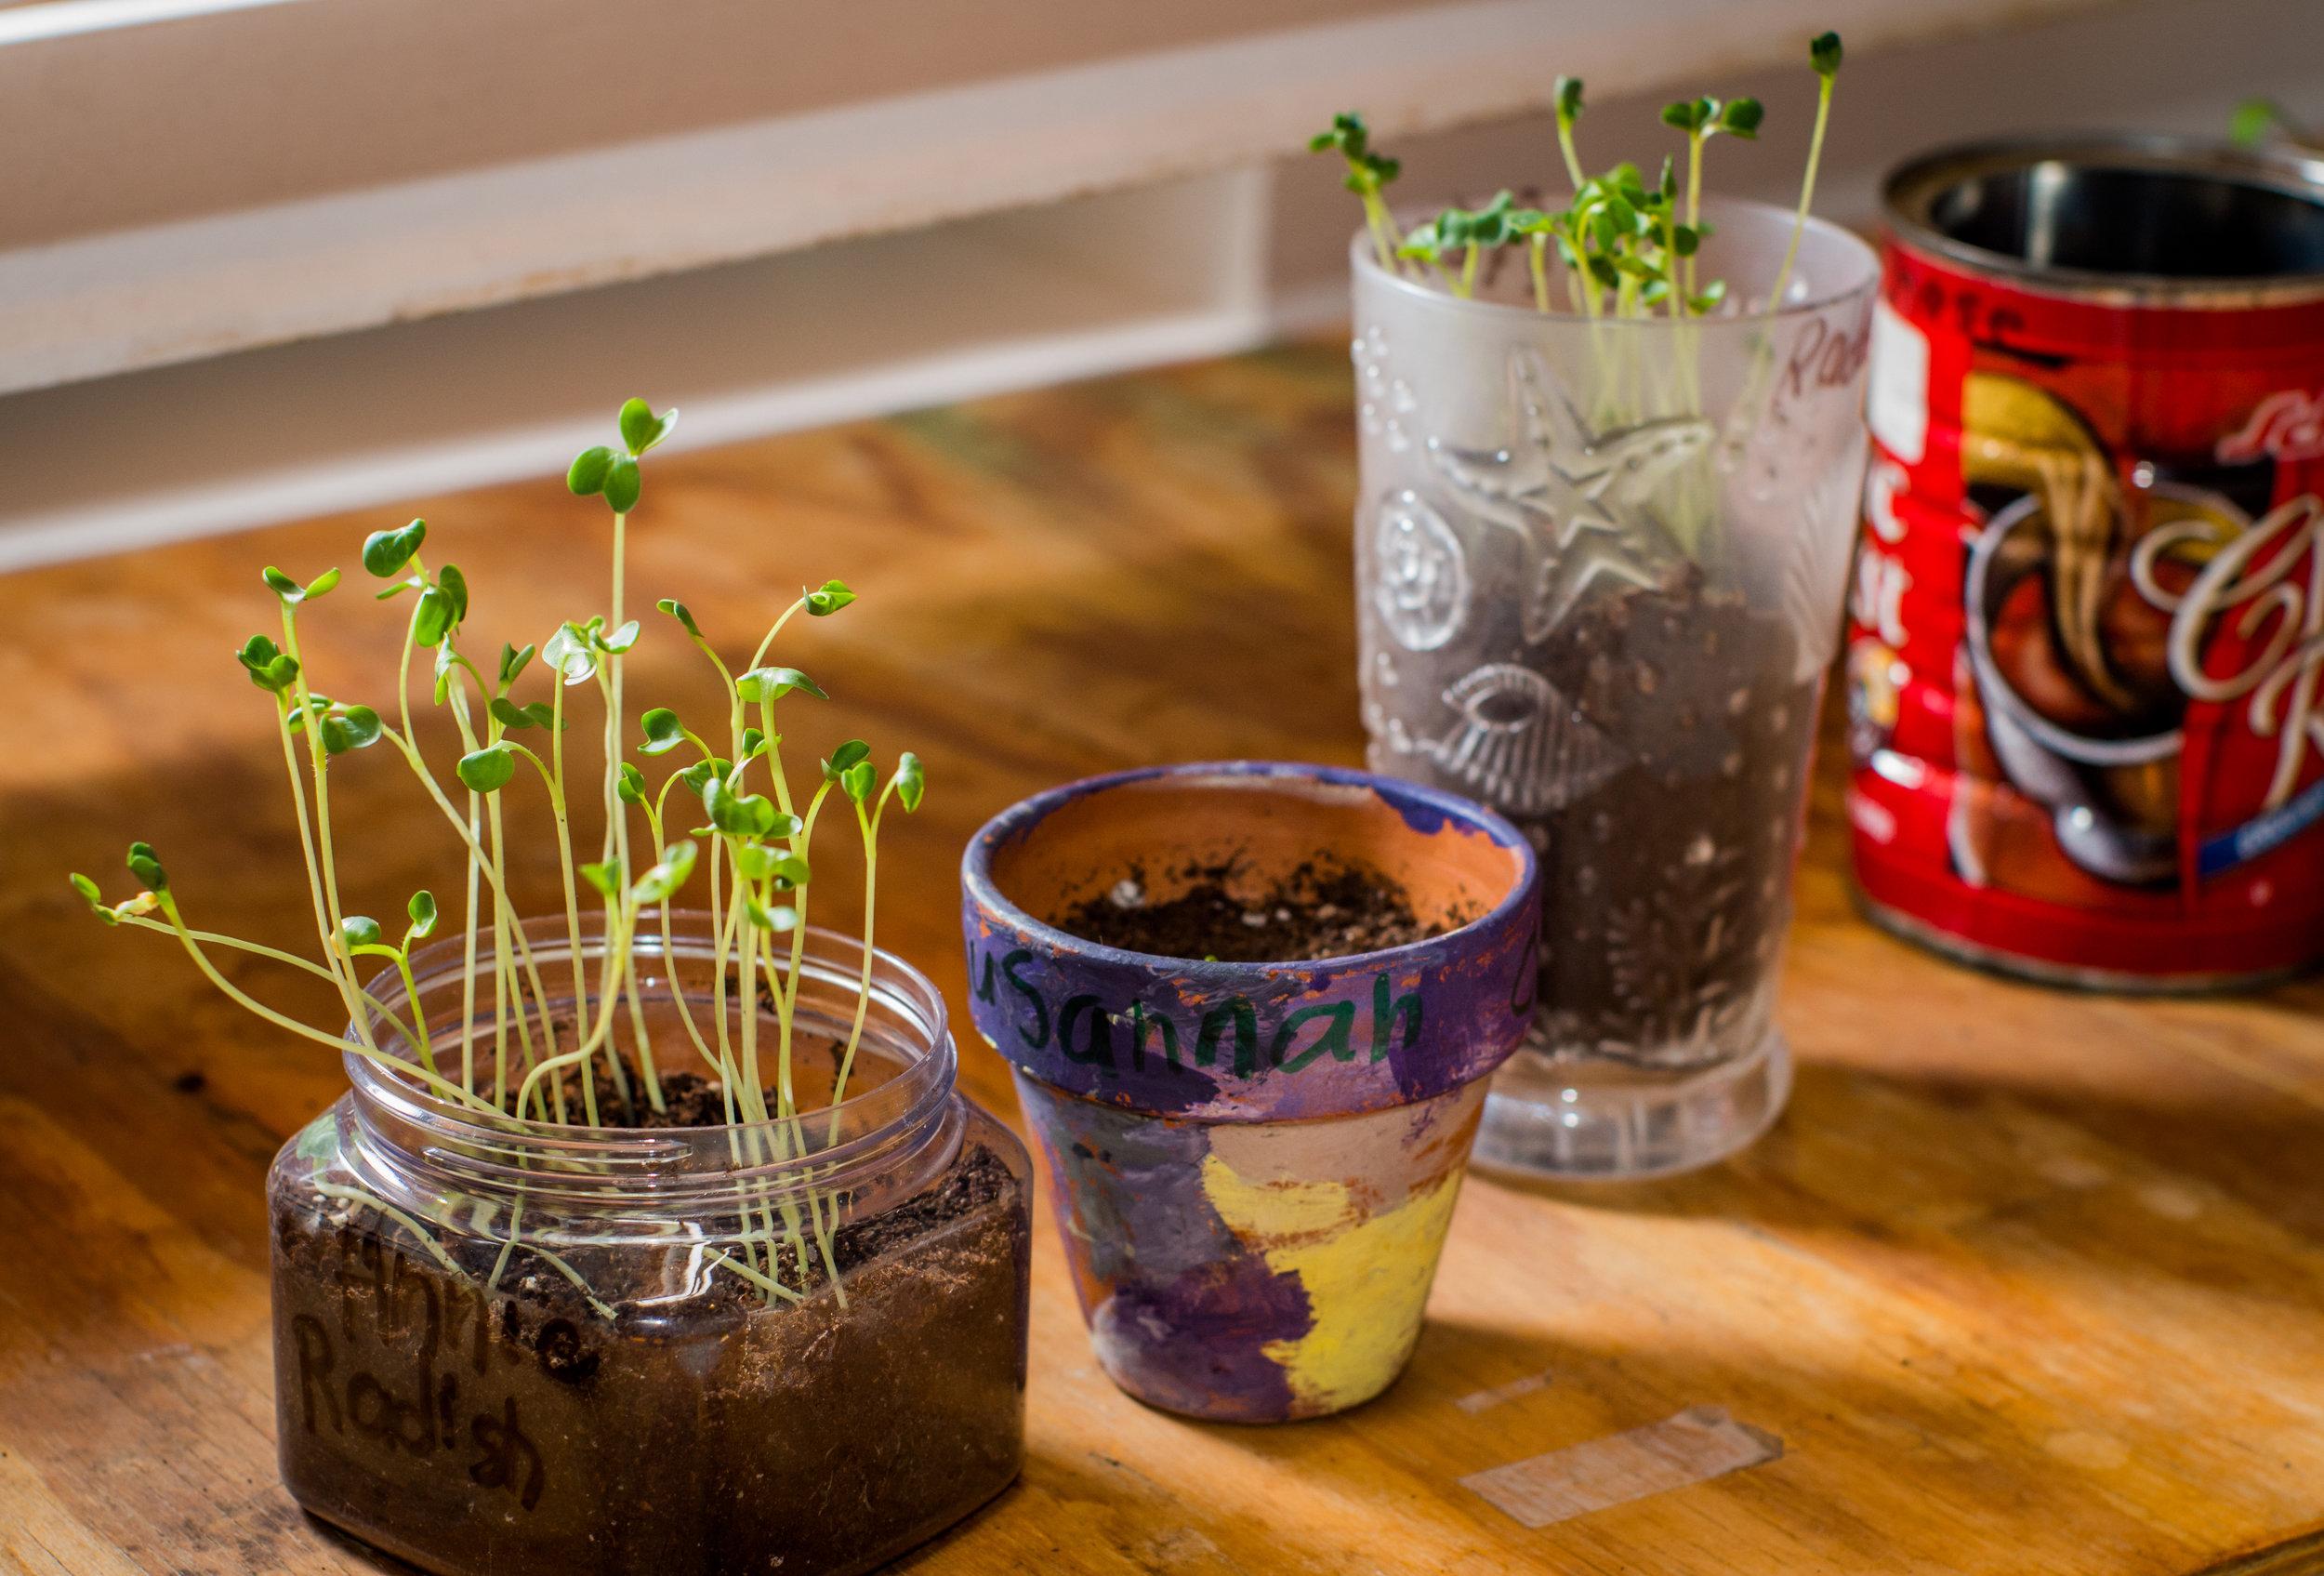 20140305-UCCC Fun & seedlings-PMG_4750.jpg